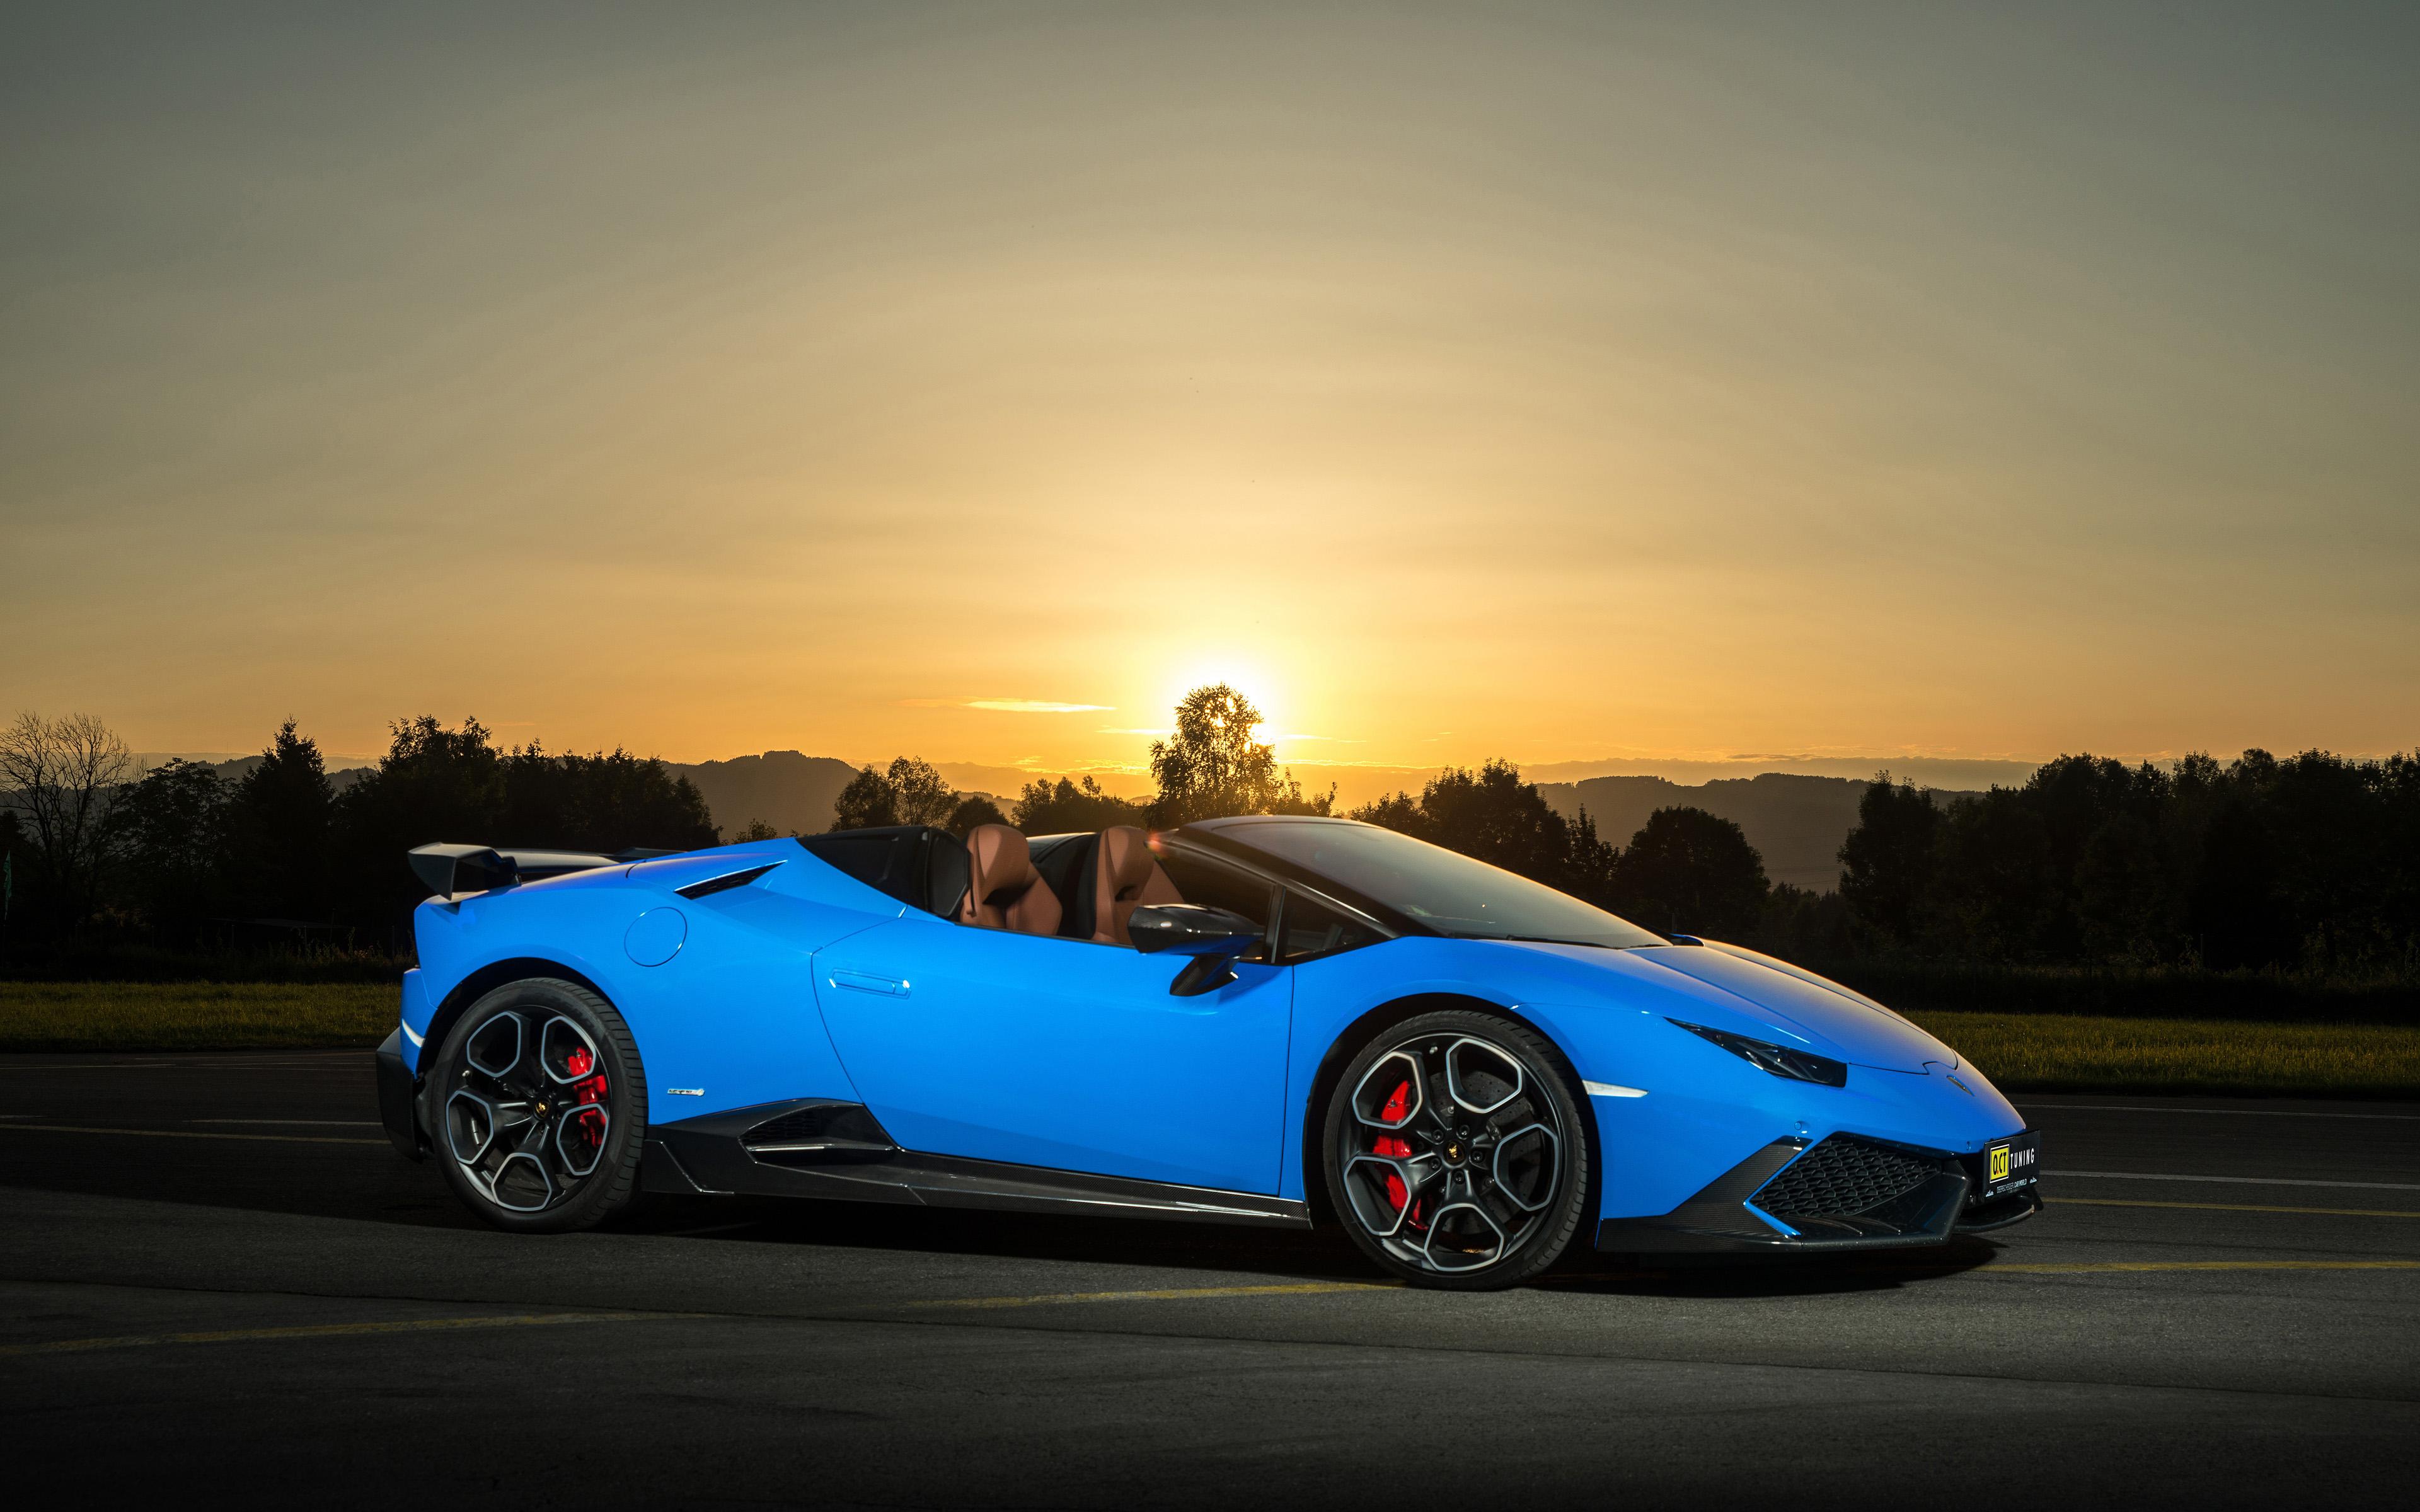 2017 Oct Tuning Lamborghini Huracan 4k Wallpaper Hd Car